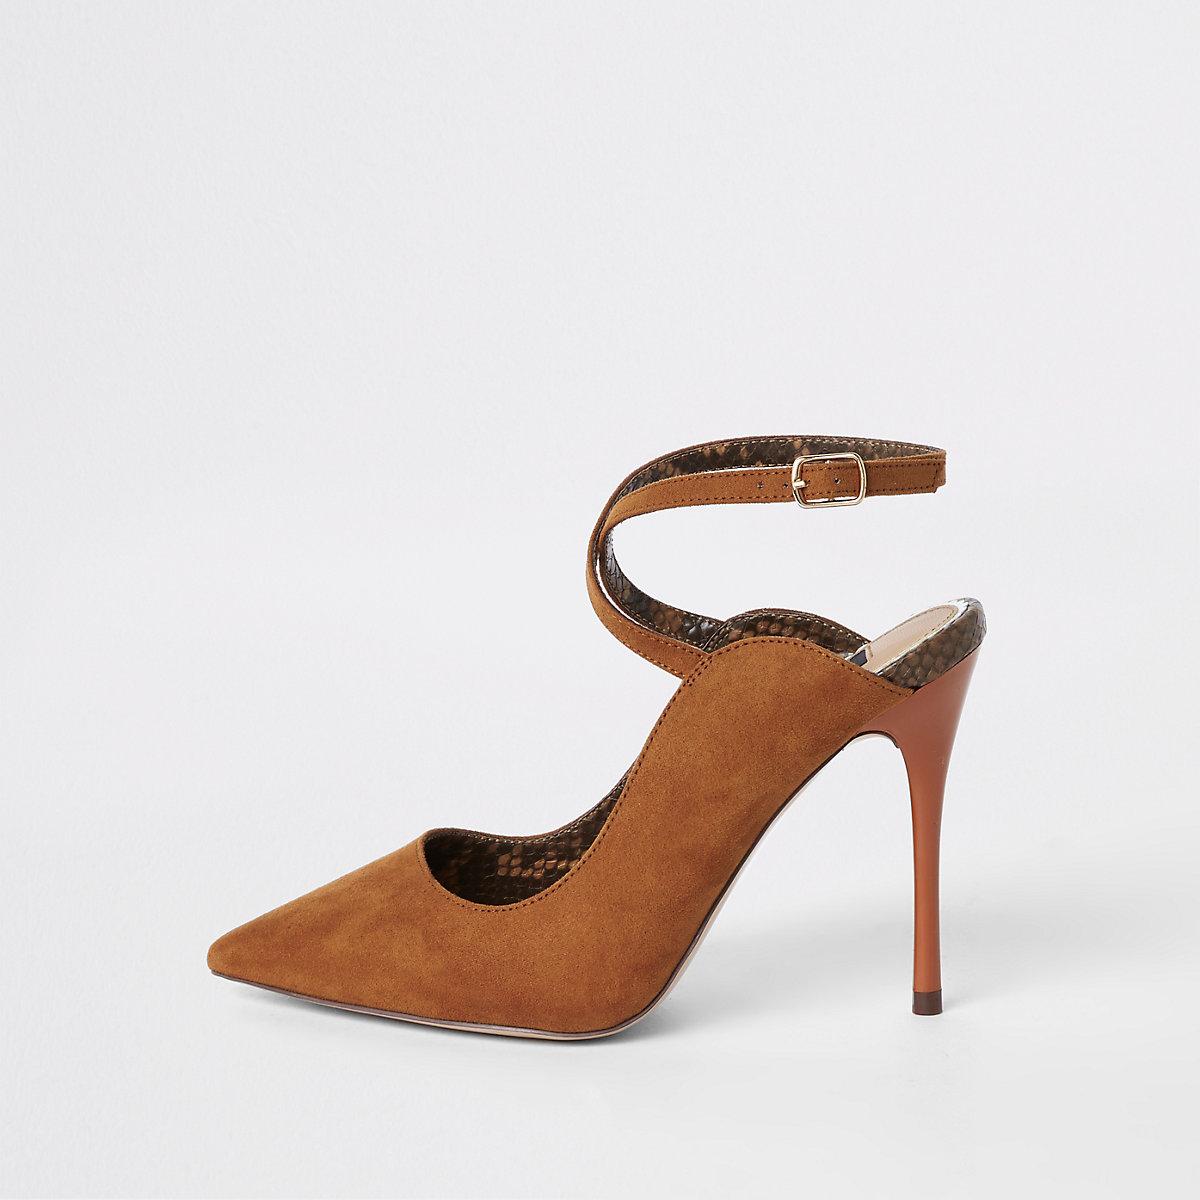 Escarpins marron à bride de cheville coupe large - Chaussures ... 9089e4b3a42b